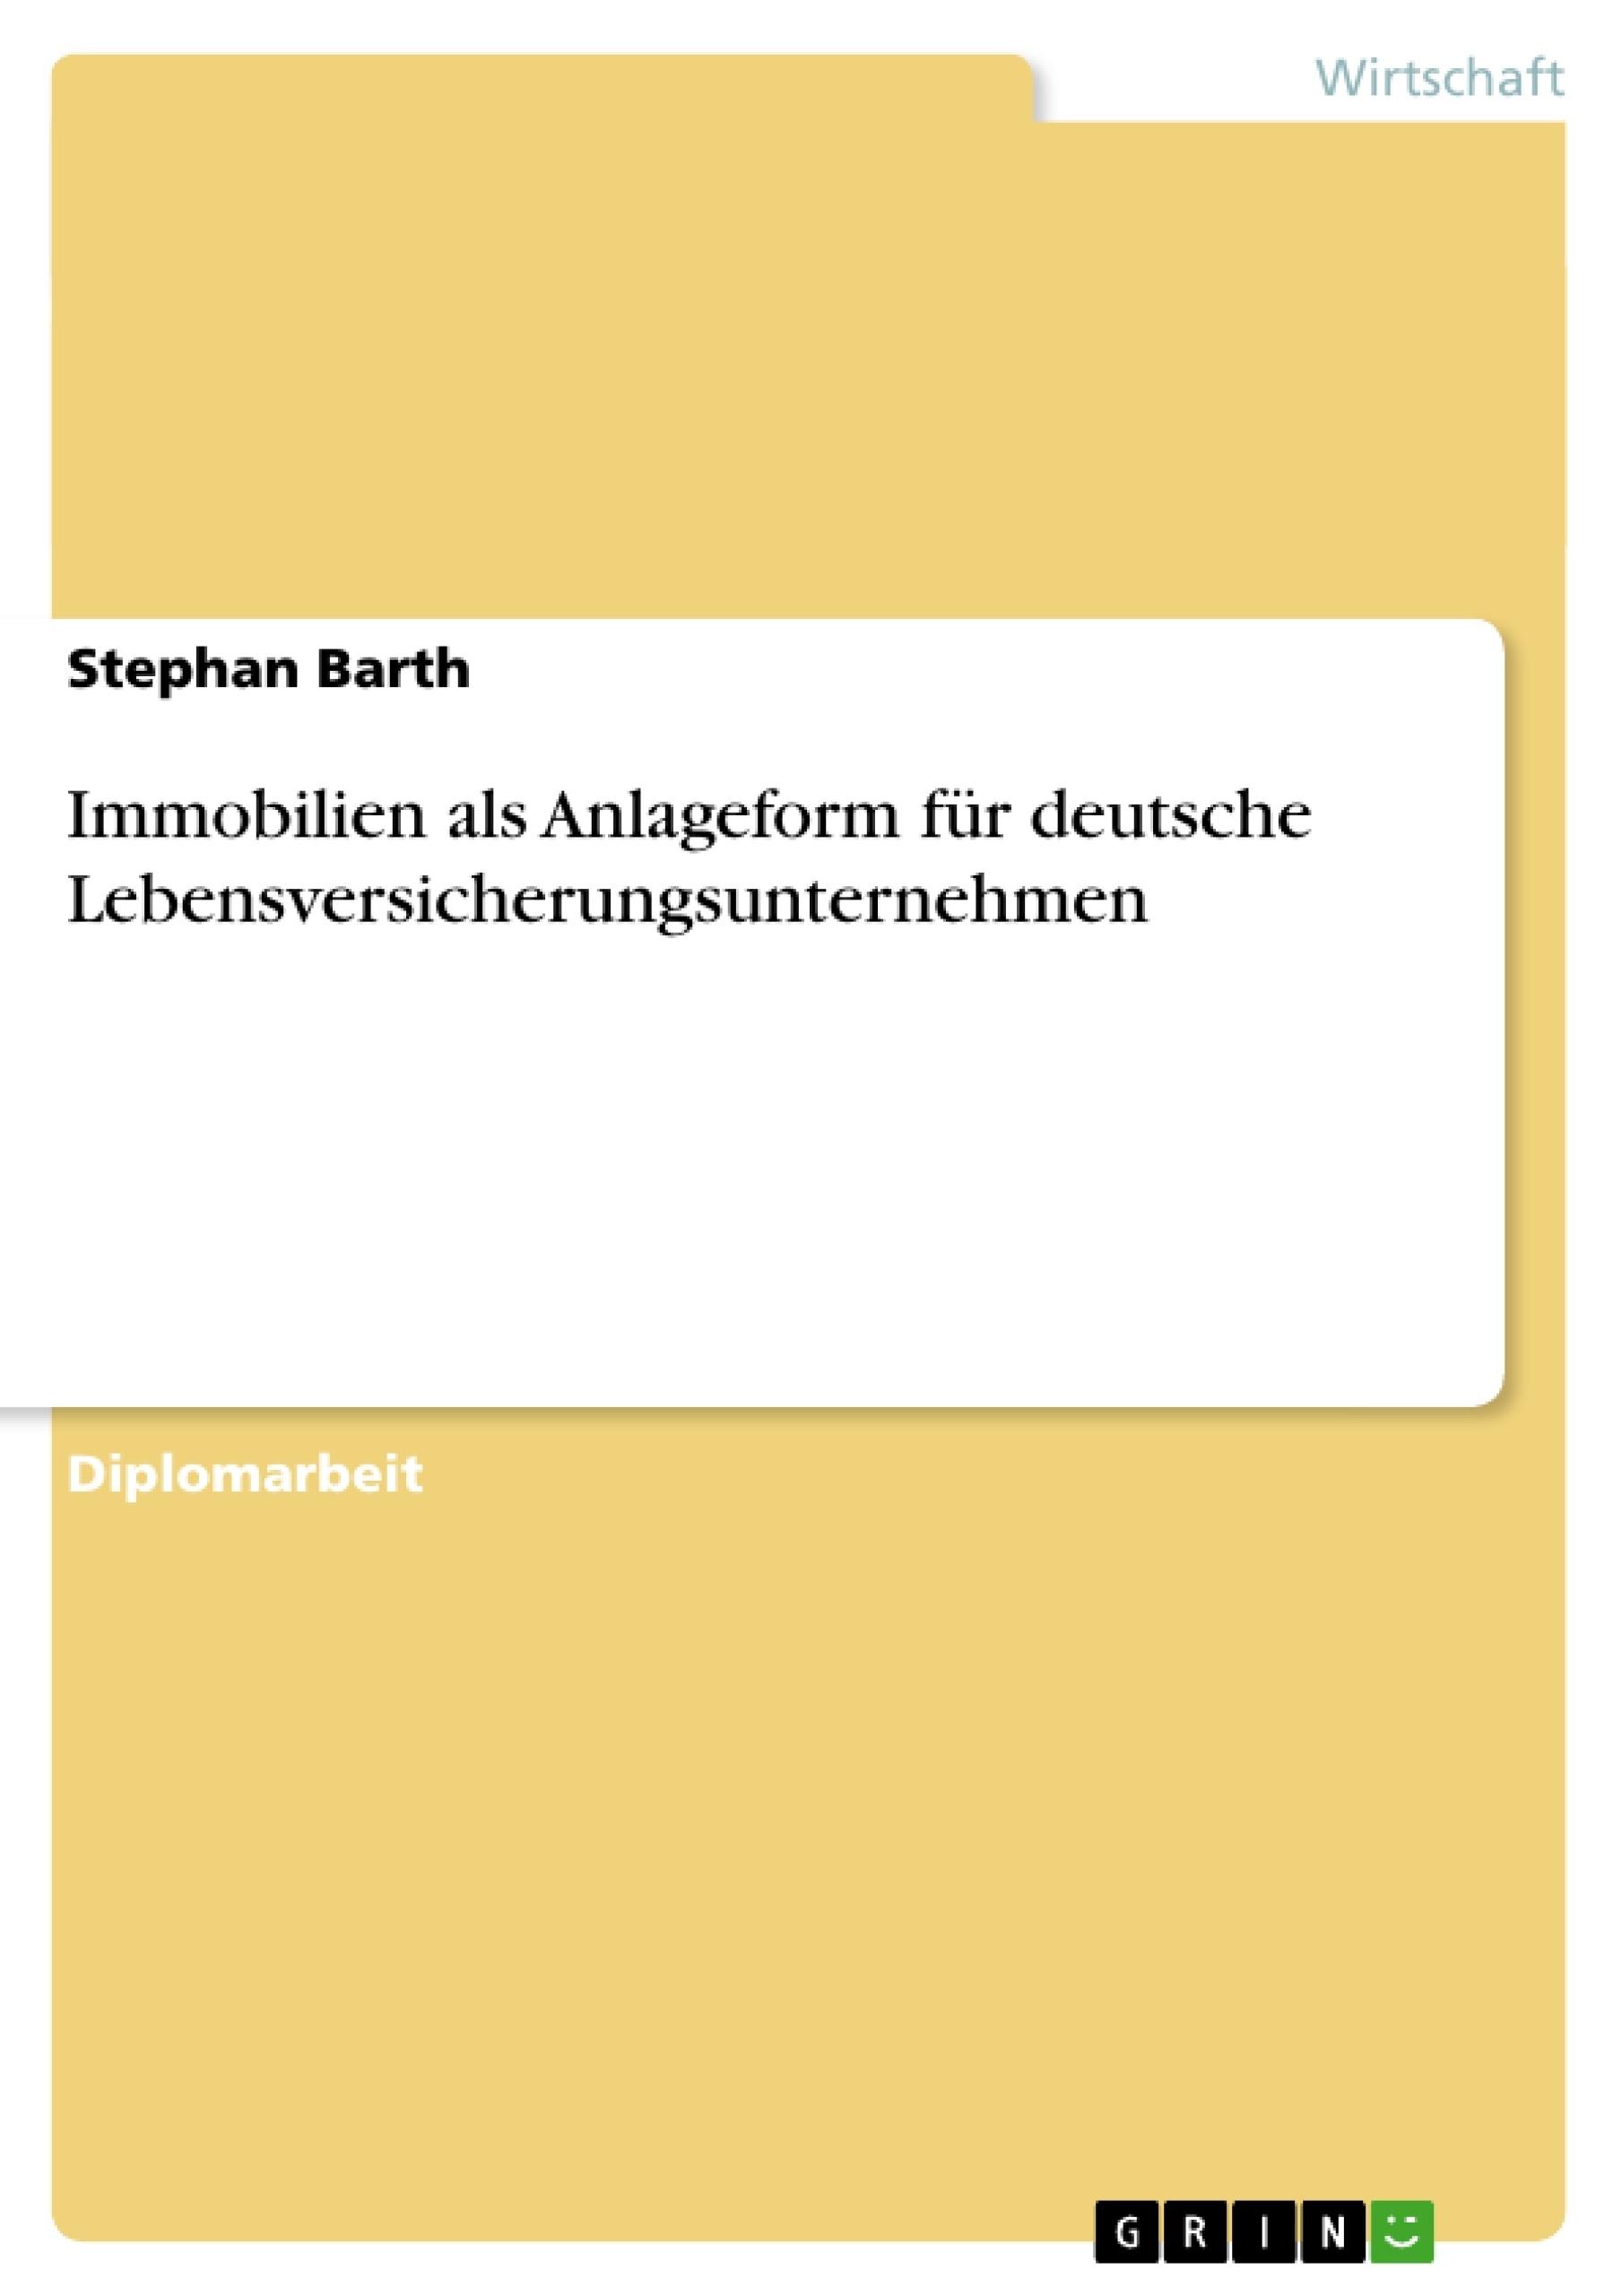 Titel: Immobilien als Anlageform für deutsche Lebensversicherungsunternehmen